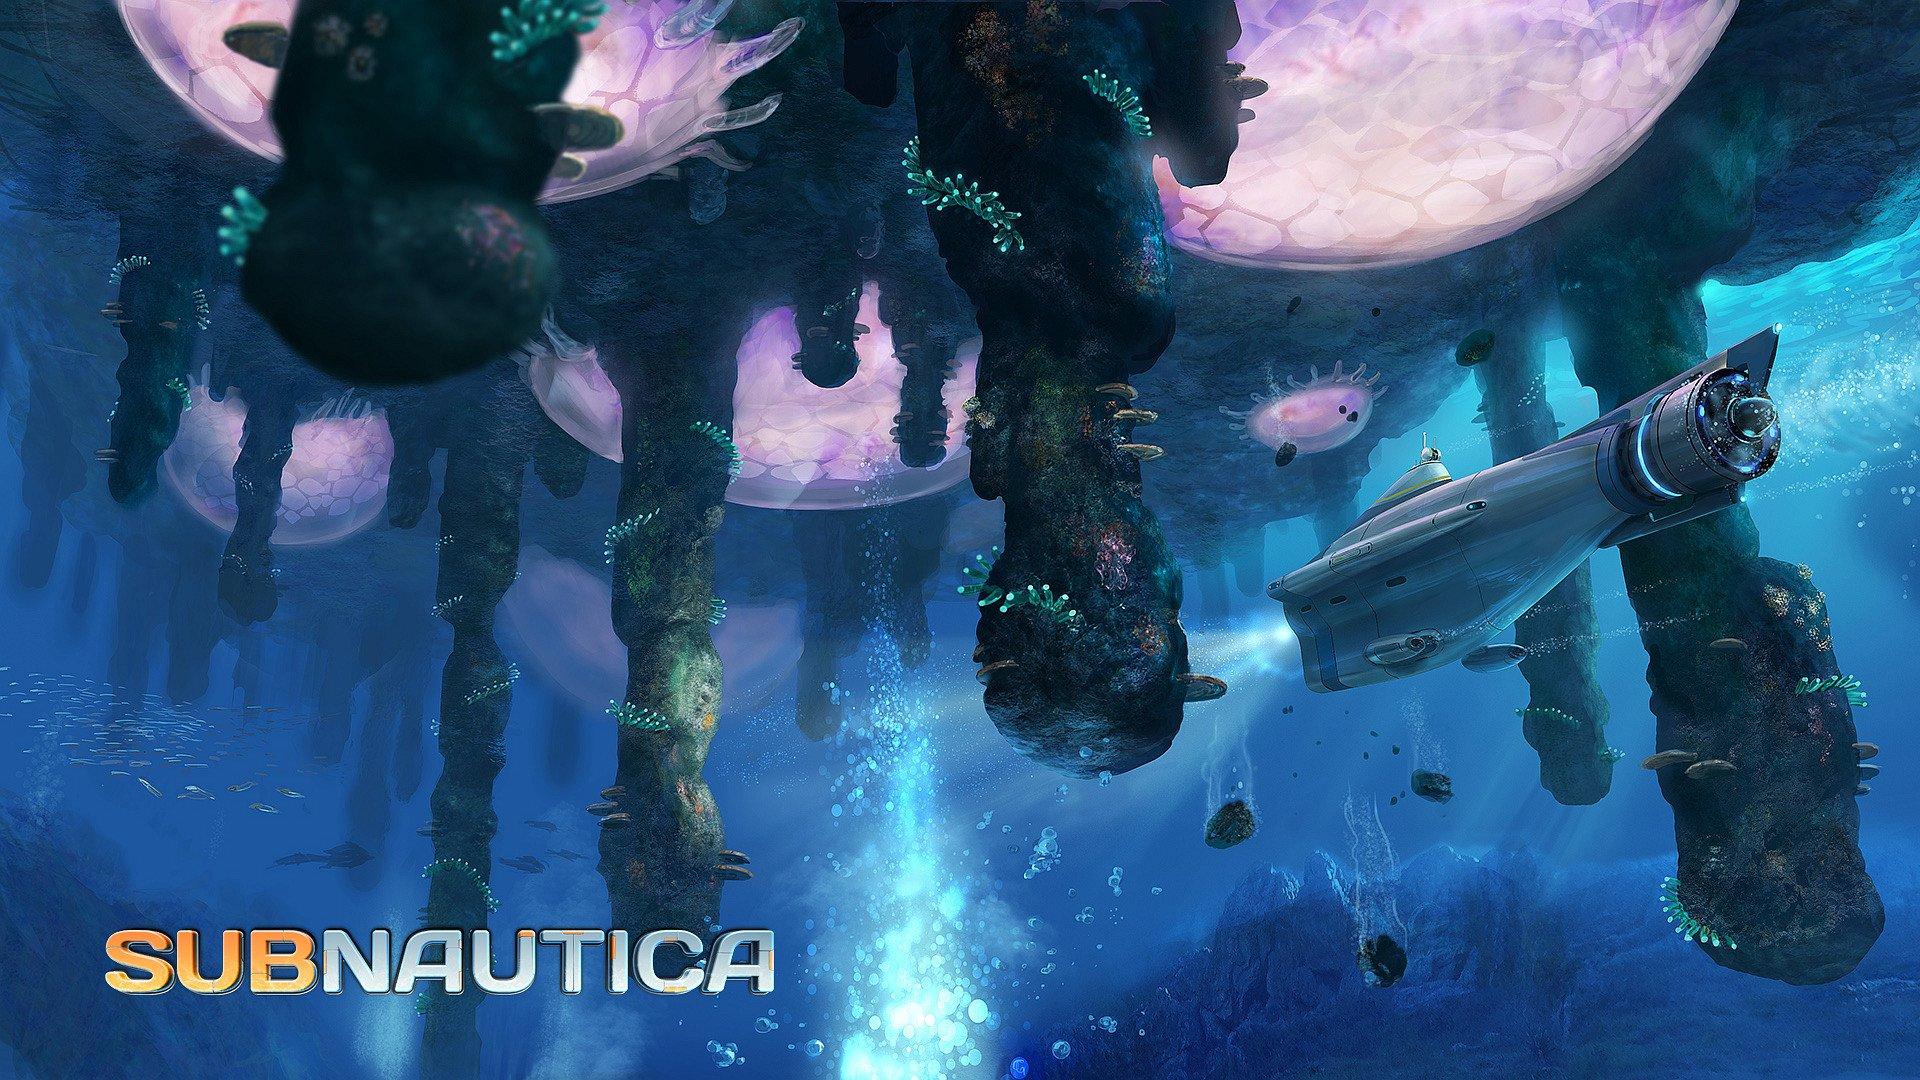 subnautica - photo #43